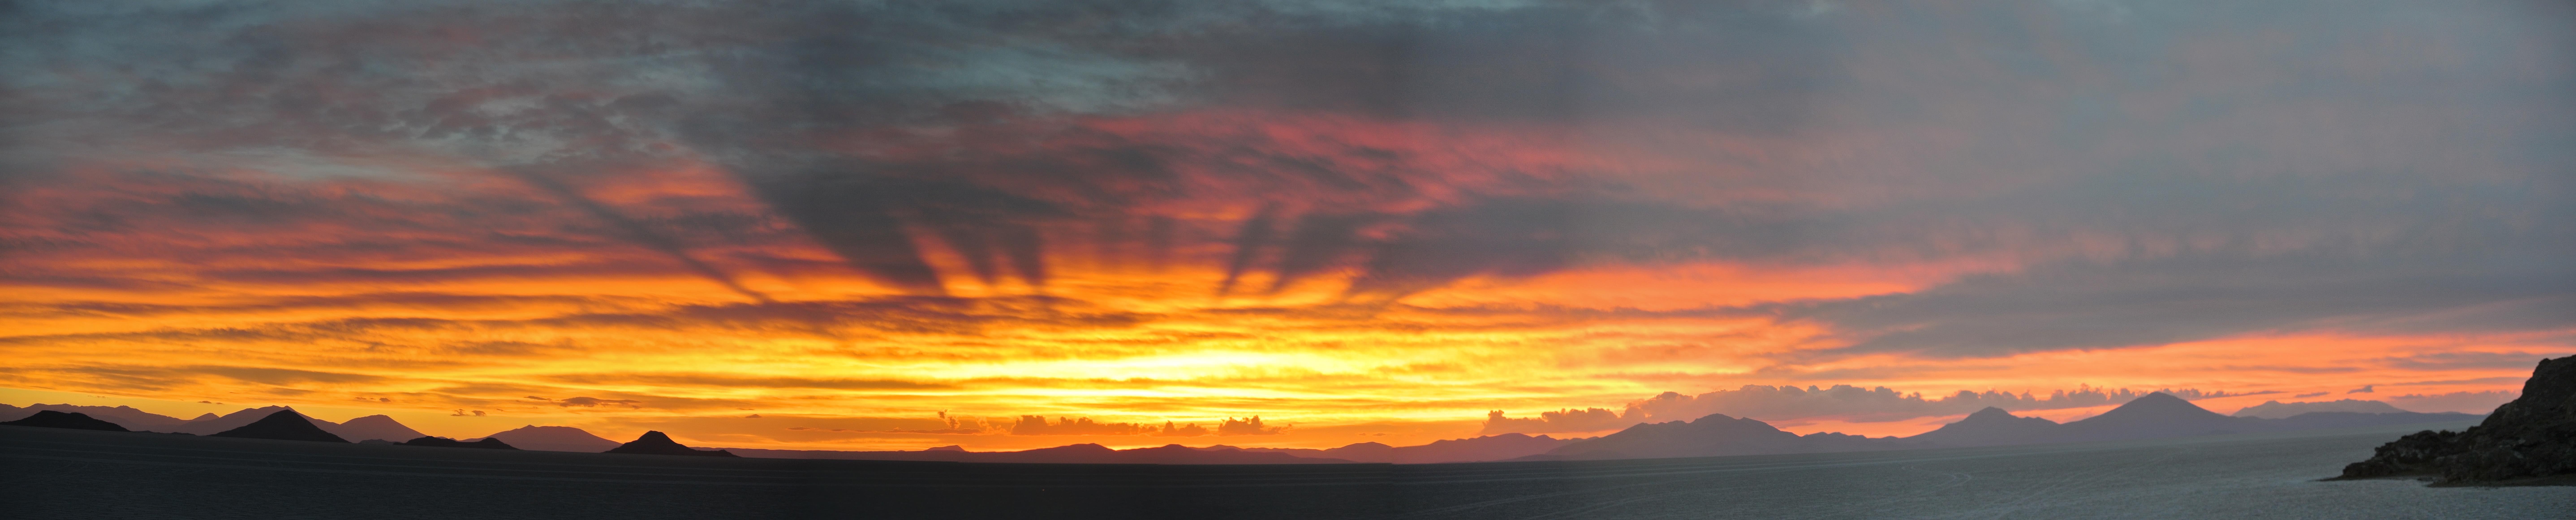 043 1510 Salar de Uyuni Tag 2 7jpeg